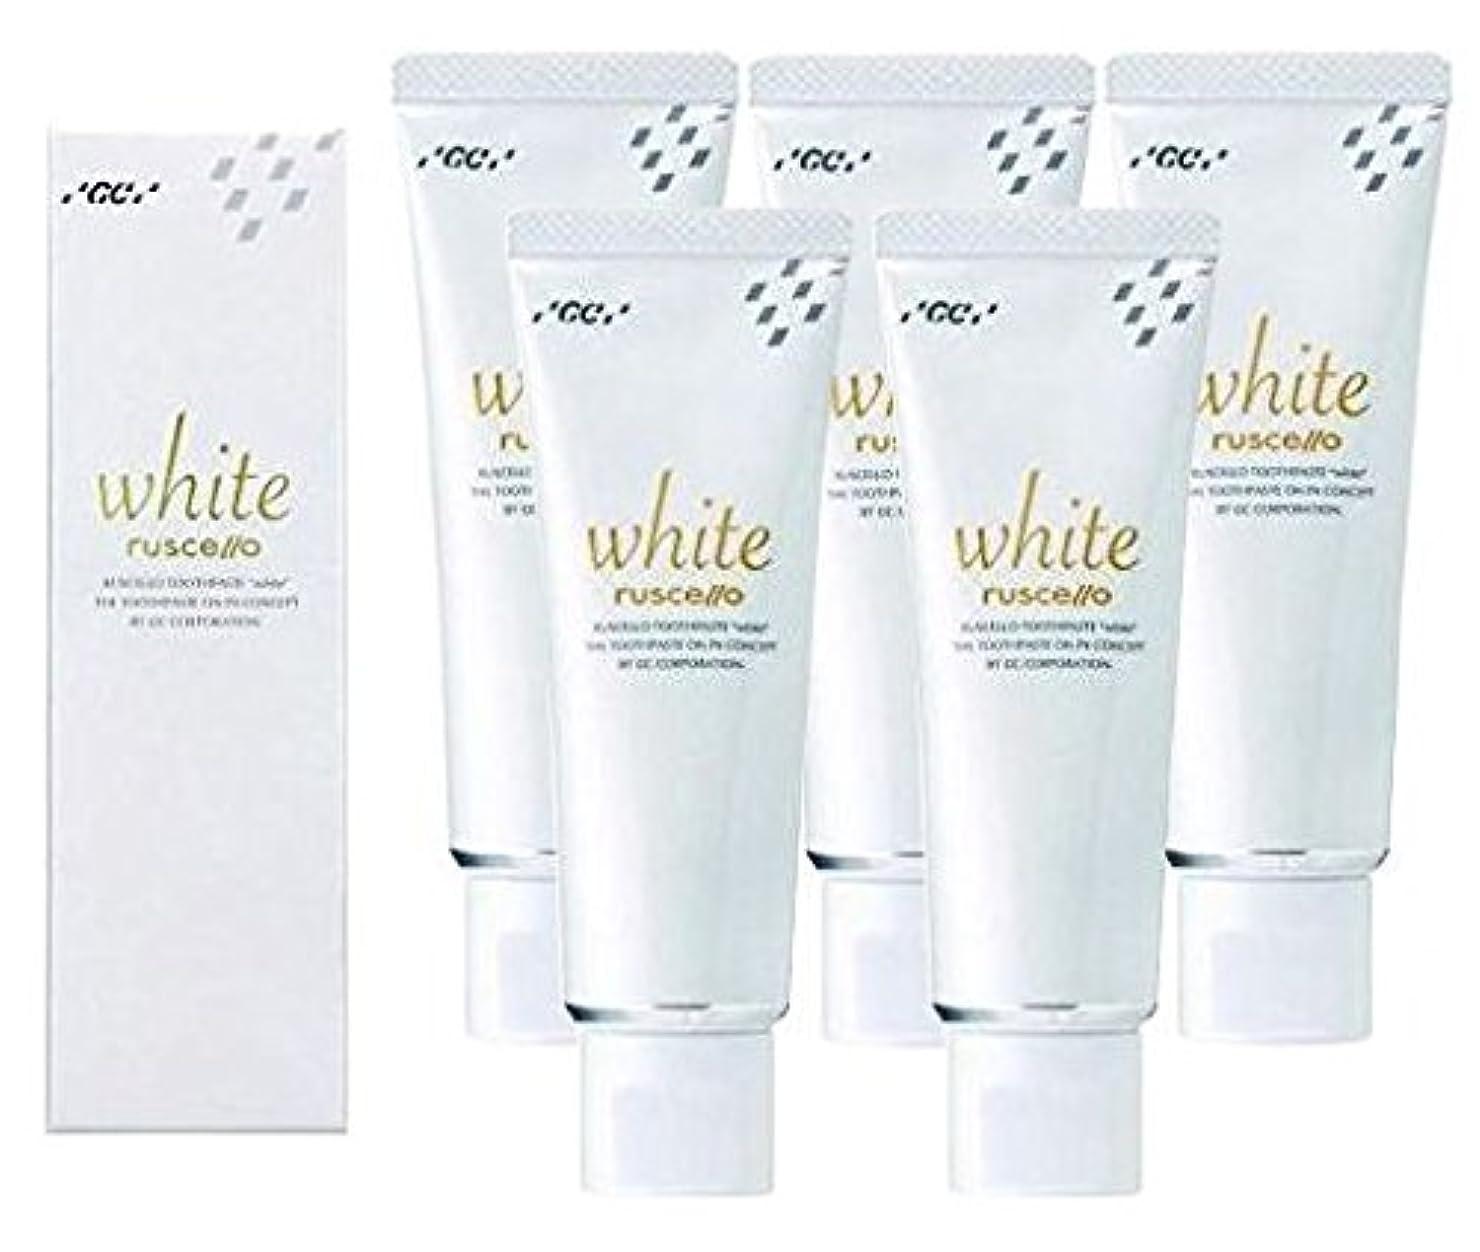 有利巨大元気なGC ルシェロ 歯みがきペースト ホワイト 100g × 5本 医薬部外品